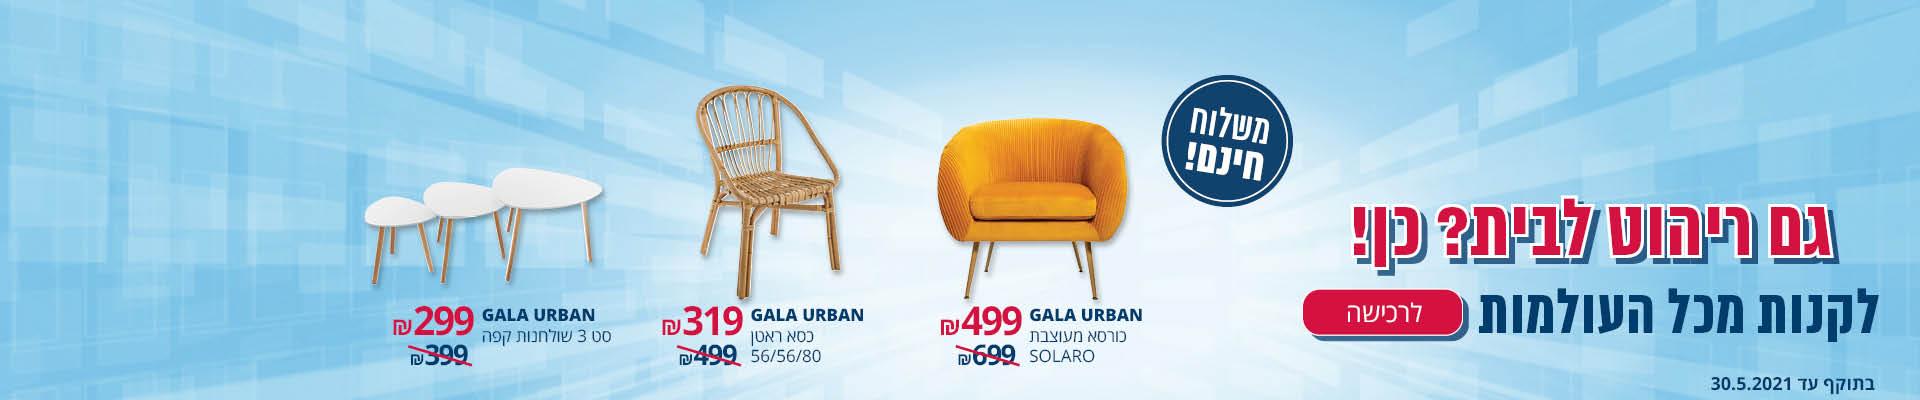 """גם ריהוט לבית? כן! לקנות מכל העולמות GALA URBAN כורסא מעוצבת SOLARO 499 ₪ GALA URBAN כסא ראטן 80/56/56 319 ש""""ח GALA URBAN סט 3 שולחנות קפה299 ₪"""